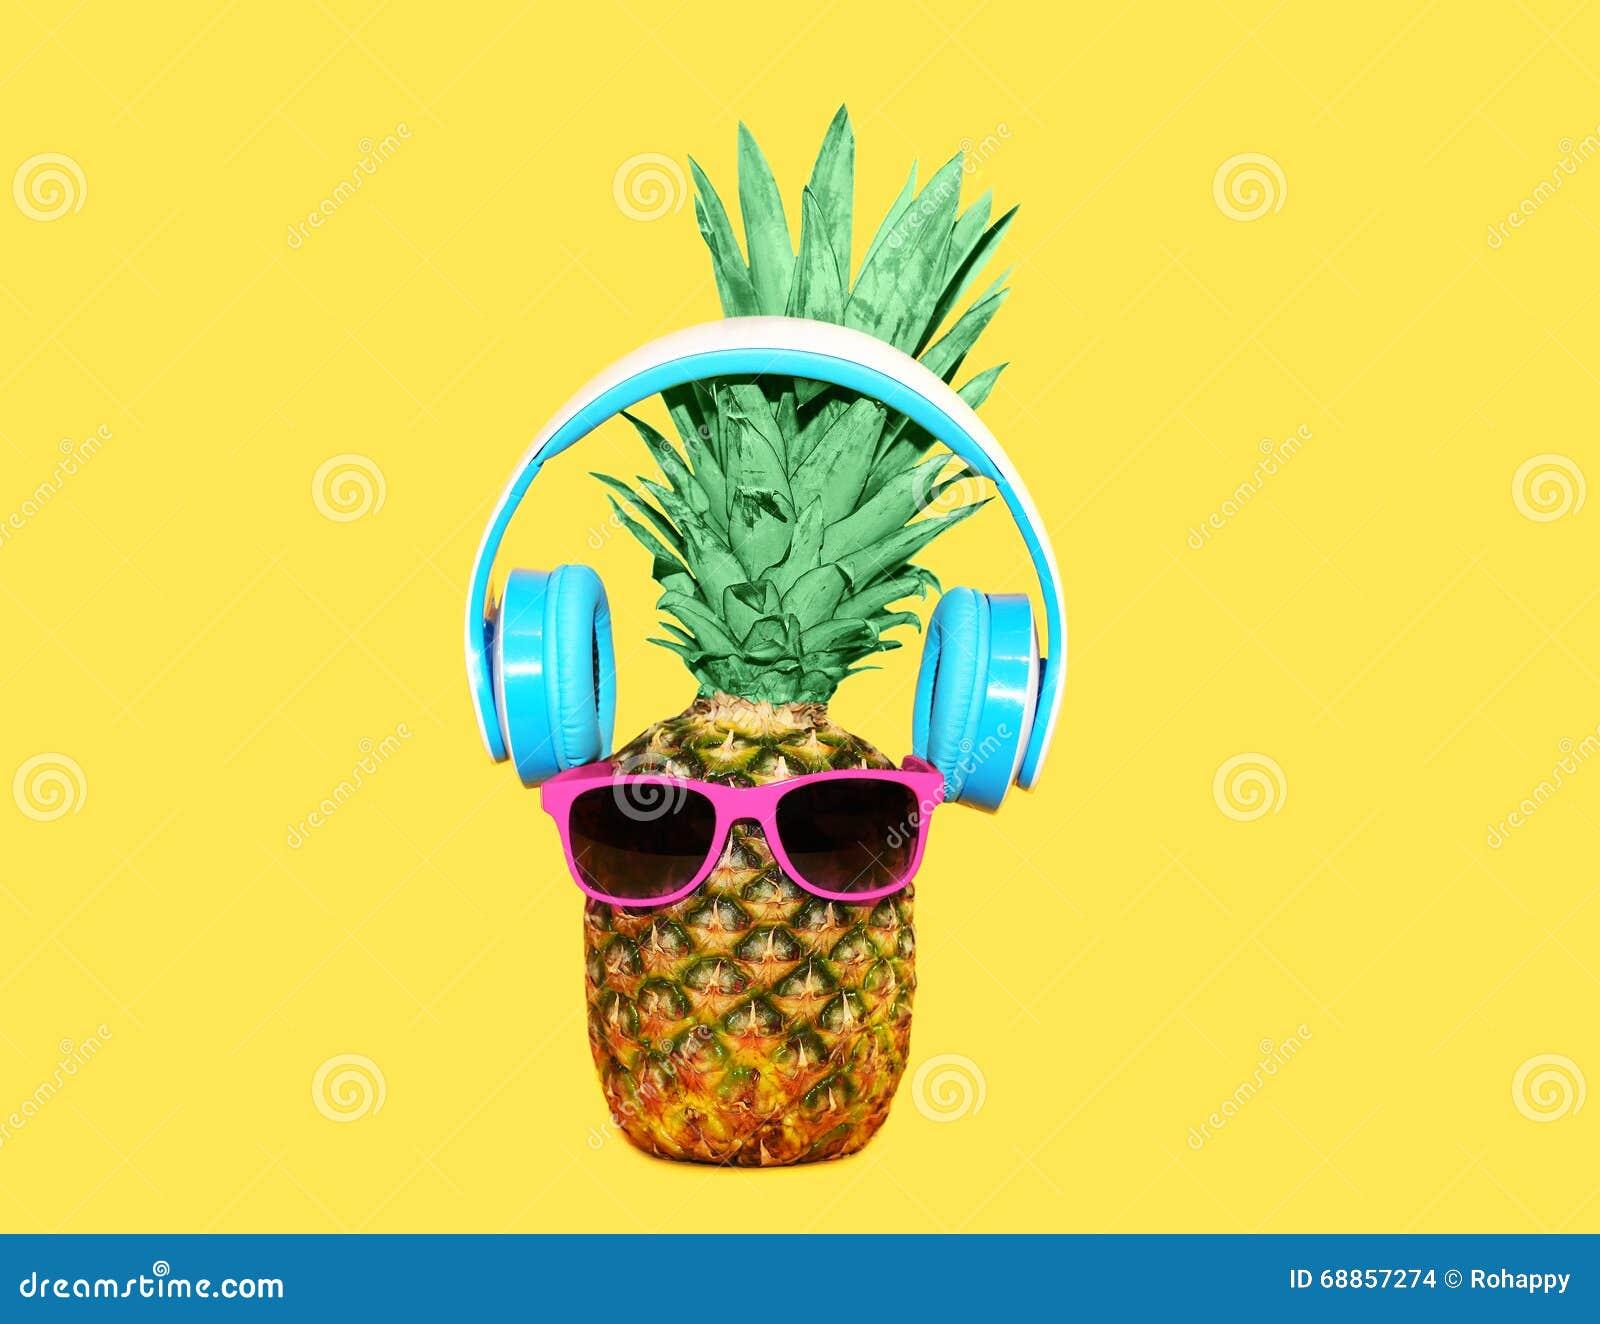 Ананас моды с солнечными очками и наушниками слушает музыка над желтой предпосылкой, концепцией ананаса